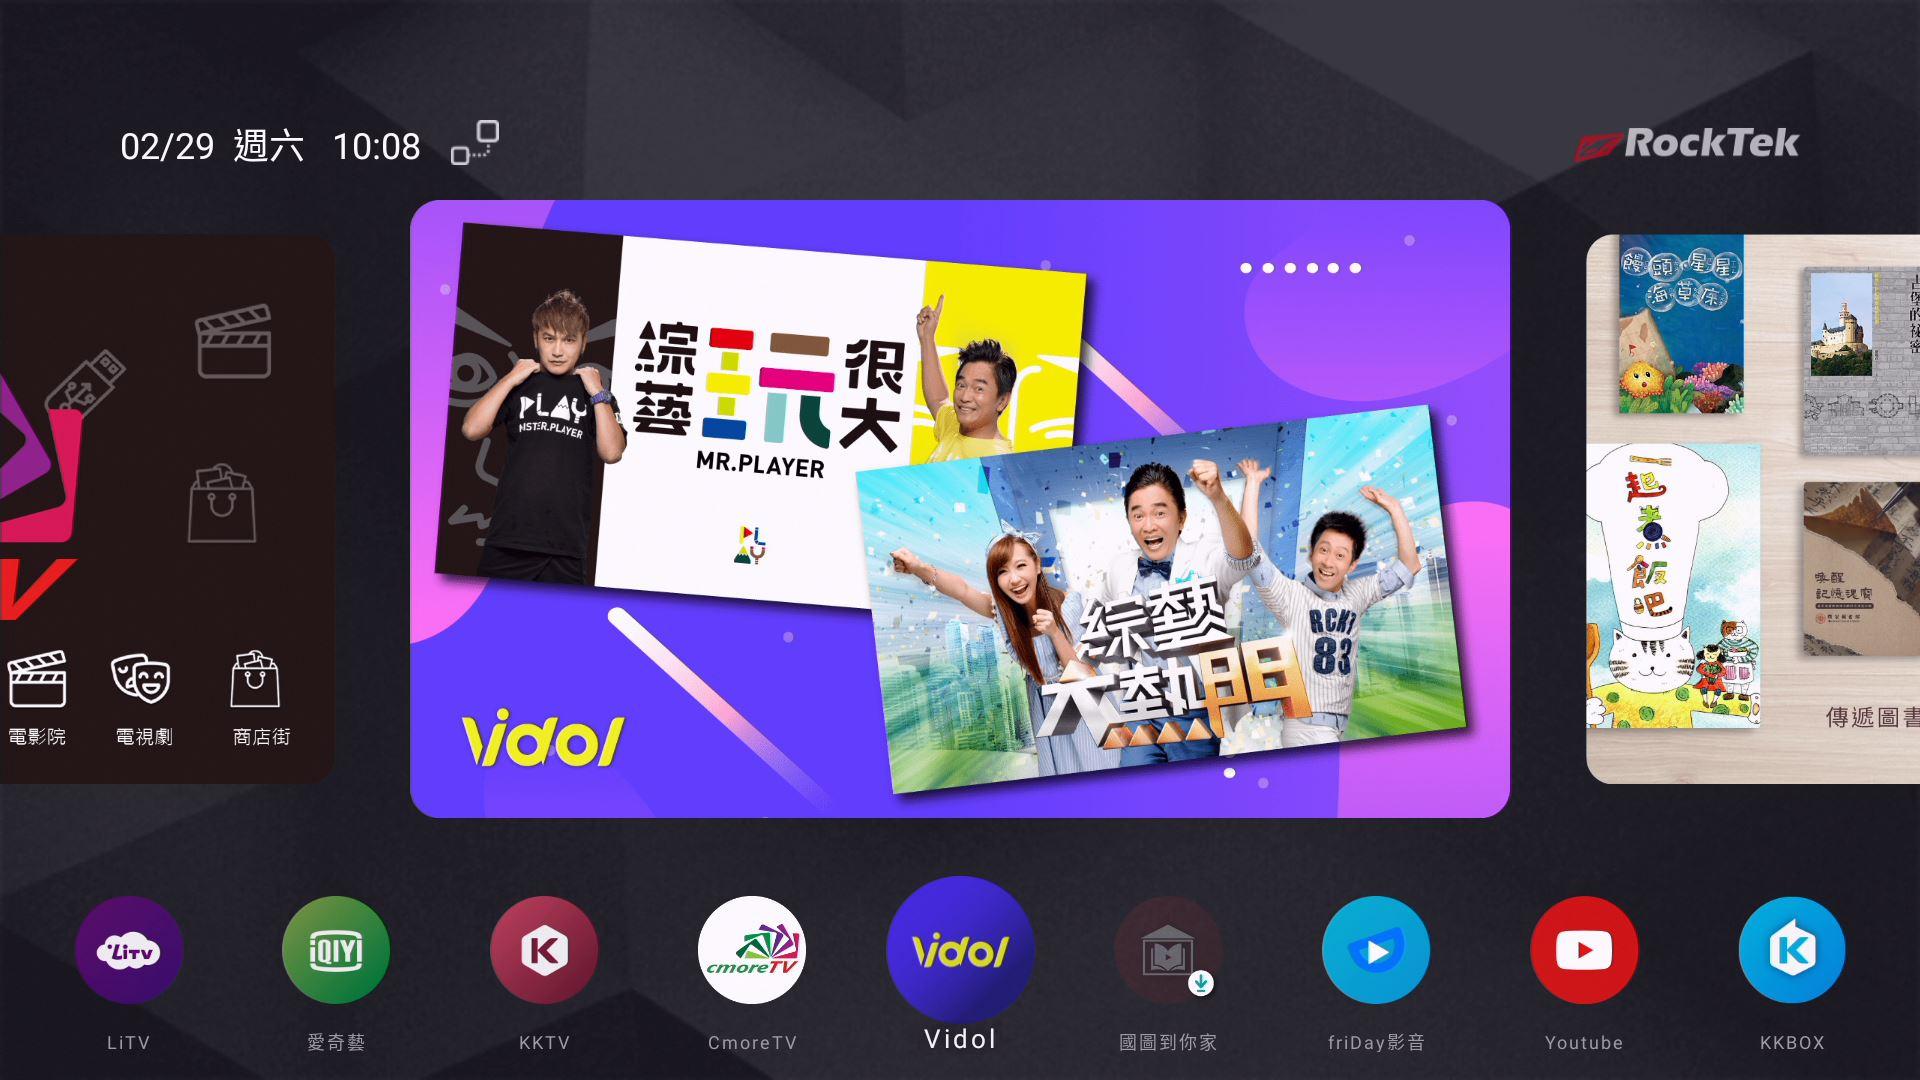 雷爵RockTek X3 PRO越級旗艦4K HDR智慧電視盒-搭載超順暢Android 9.0人性化界面,電視追劇看到飽!